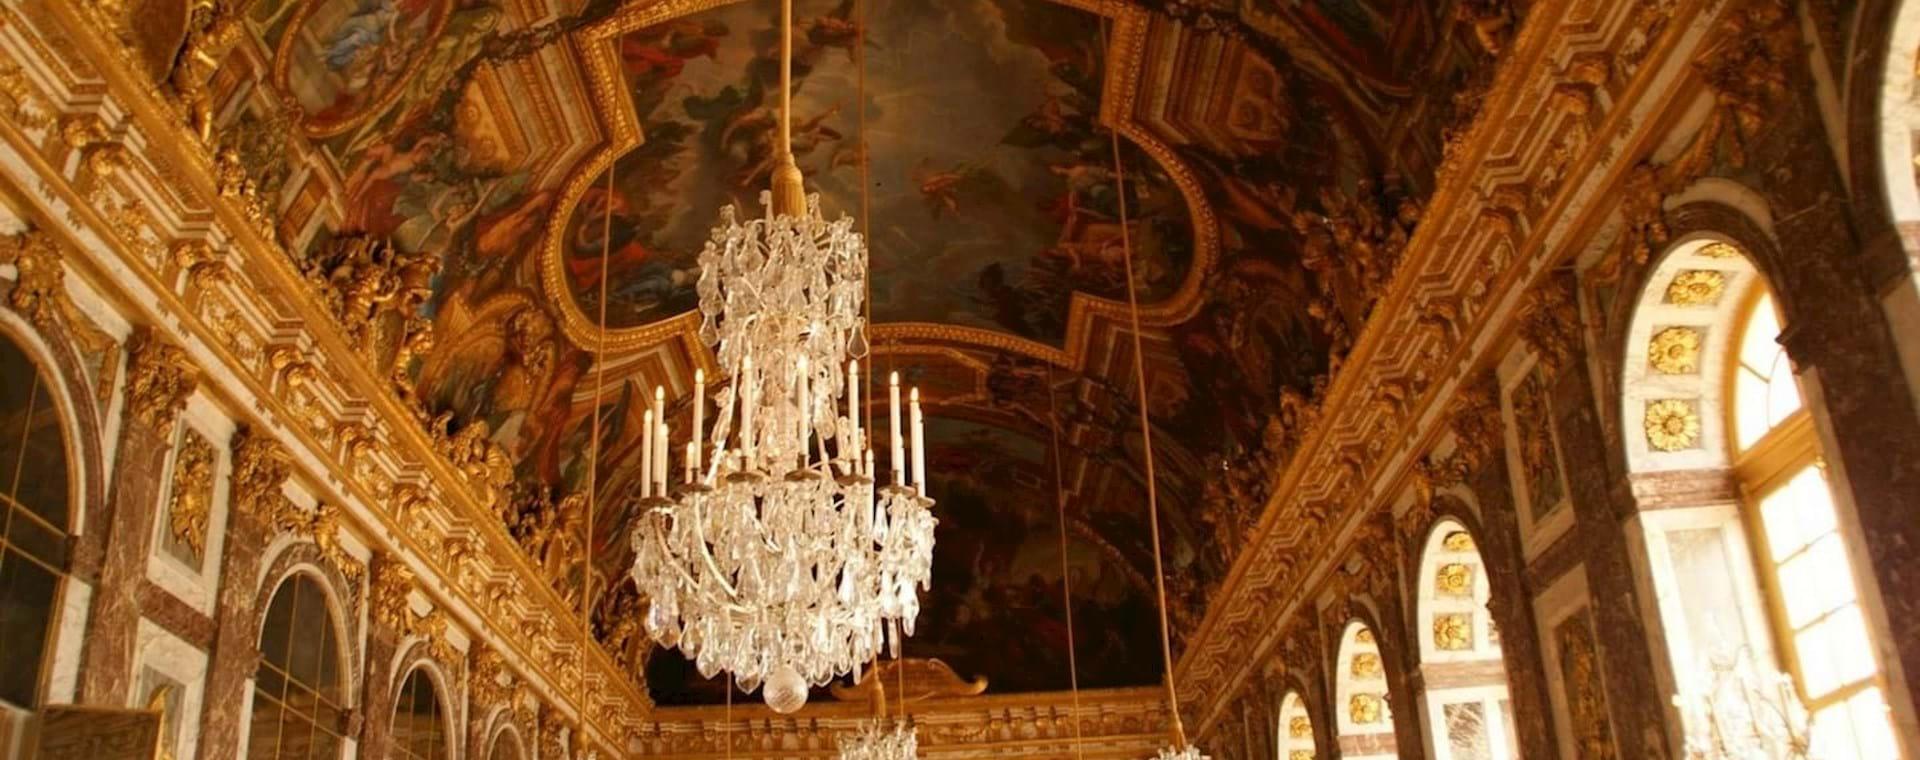 Tour Palacio y Jardines de Versalles con Espectáculo de Fuentes desde París